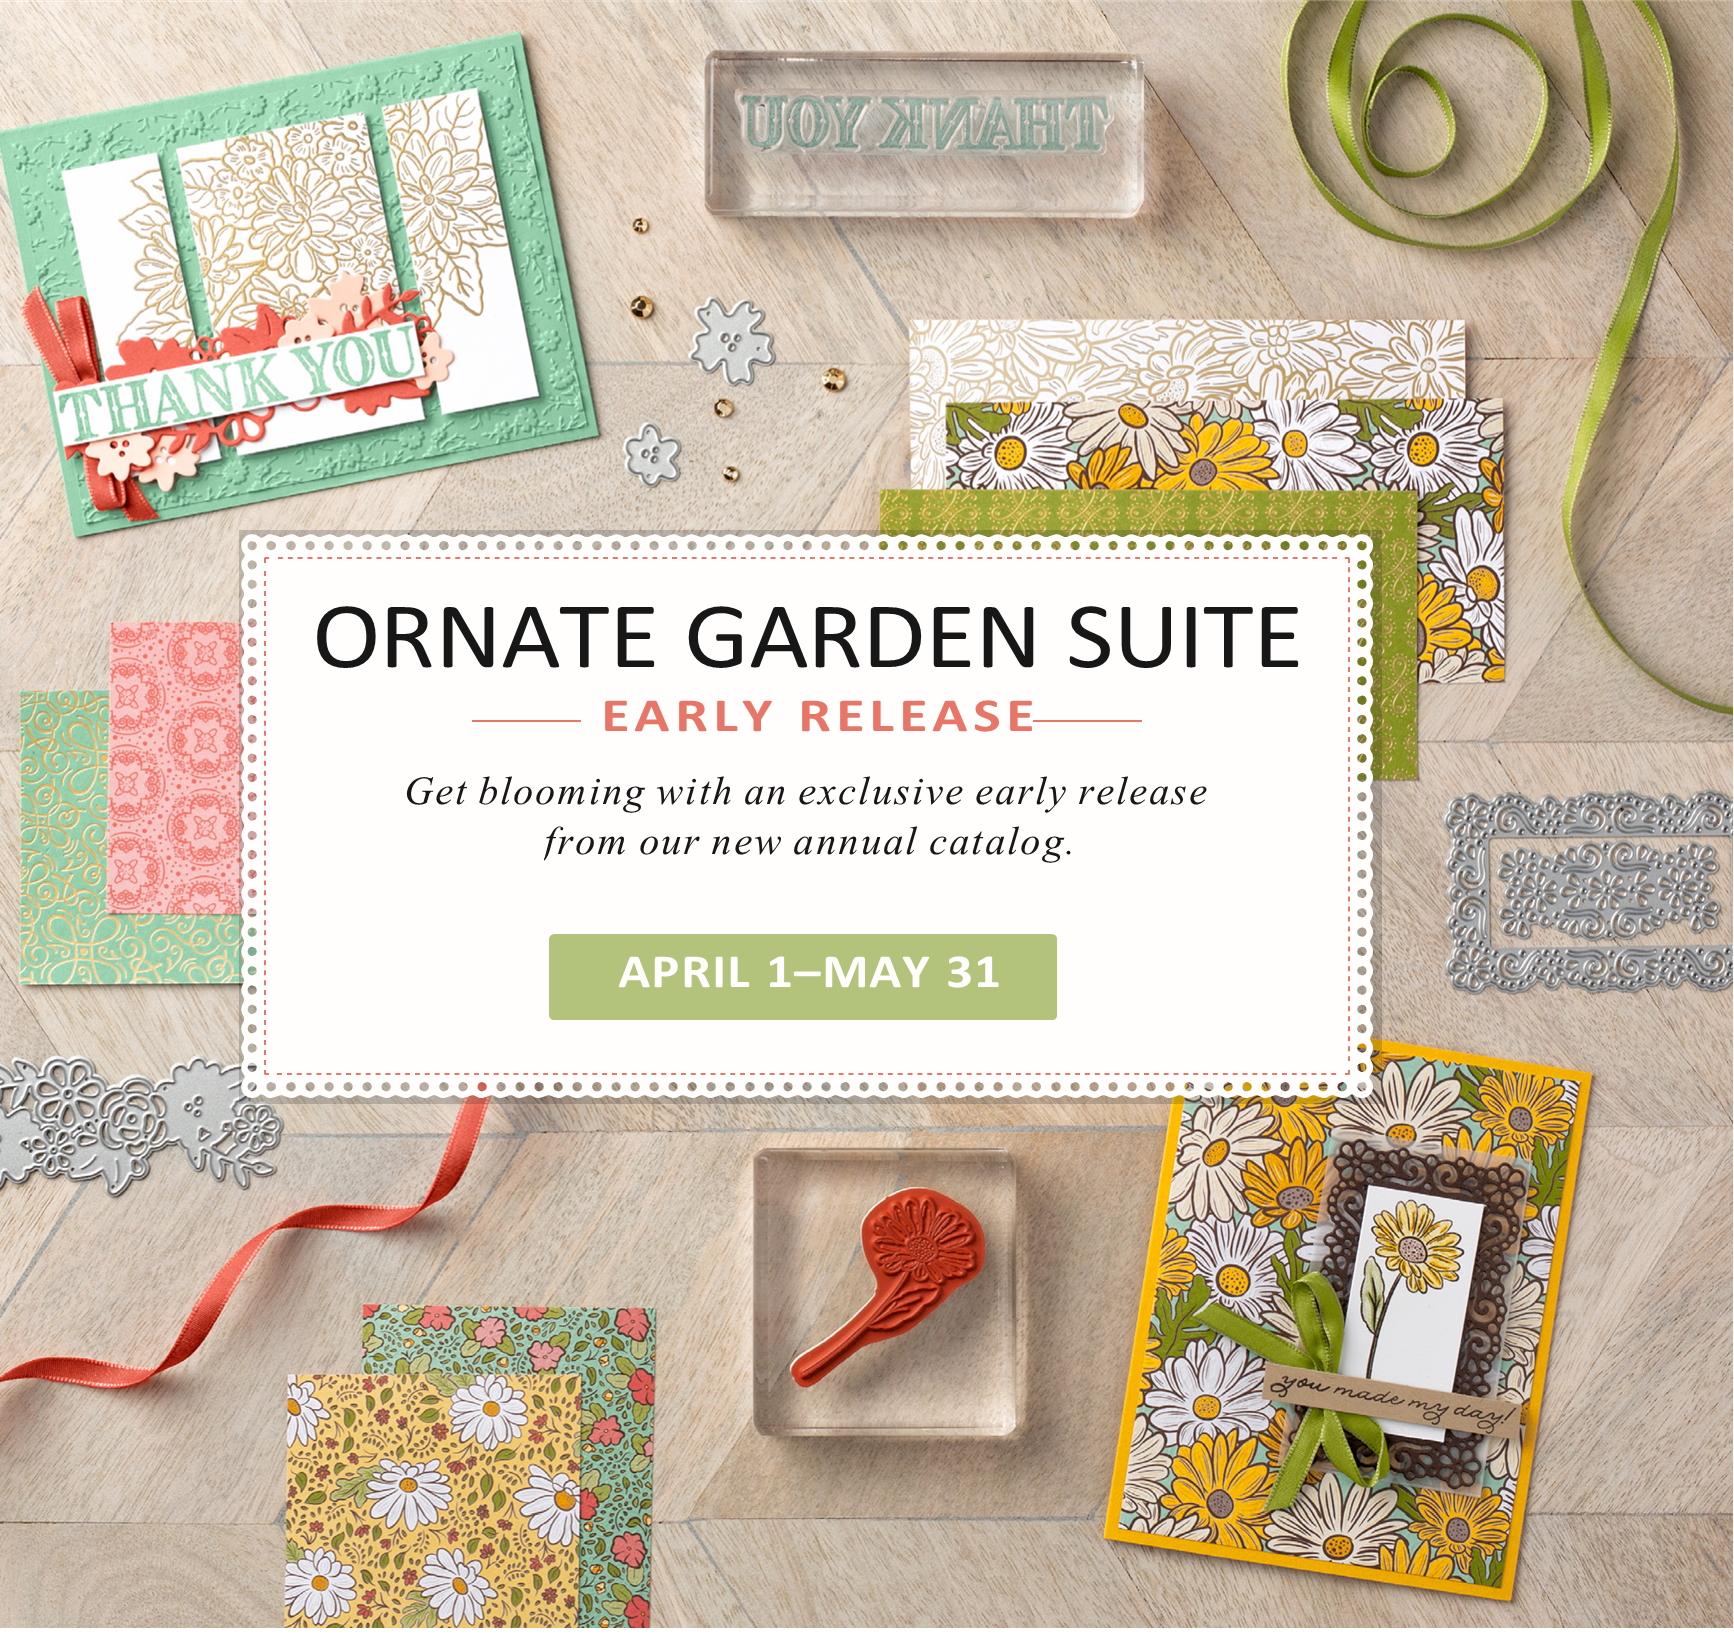 ornate garden flyer cover